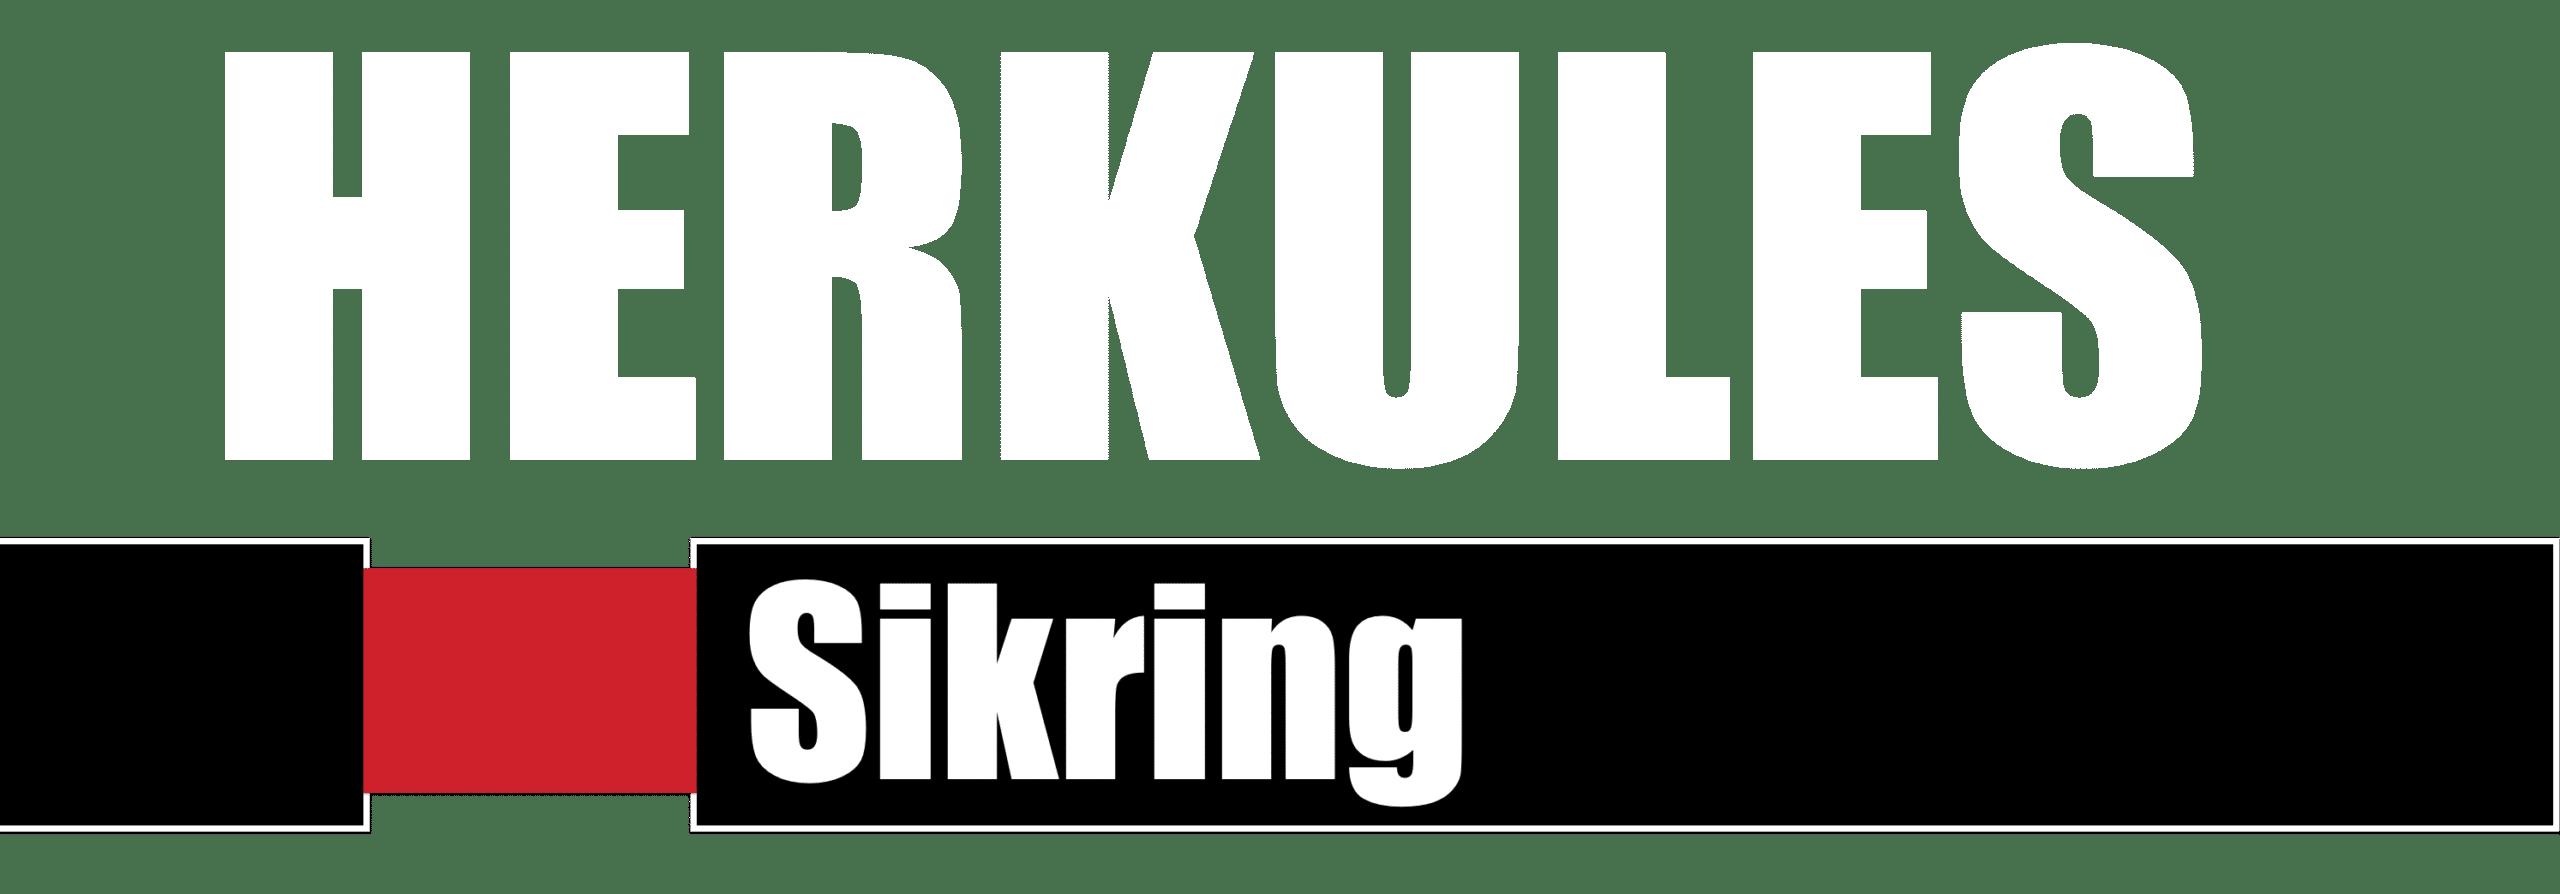 HERKULES SIKRING